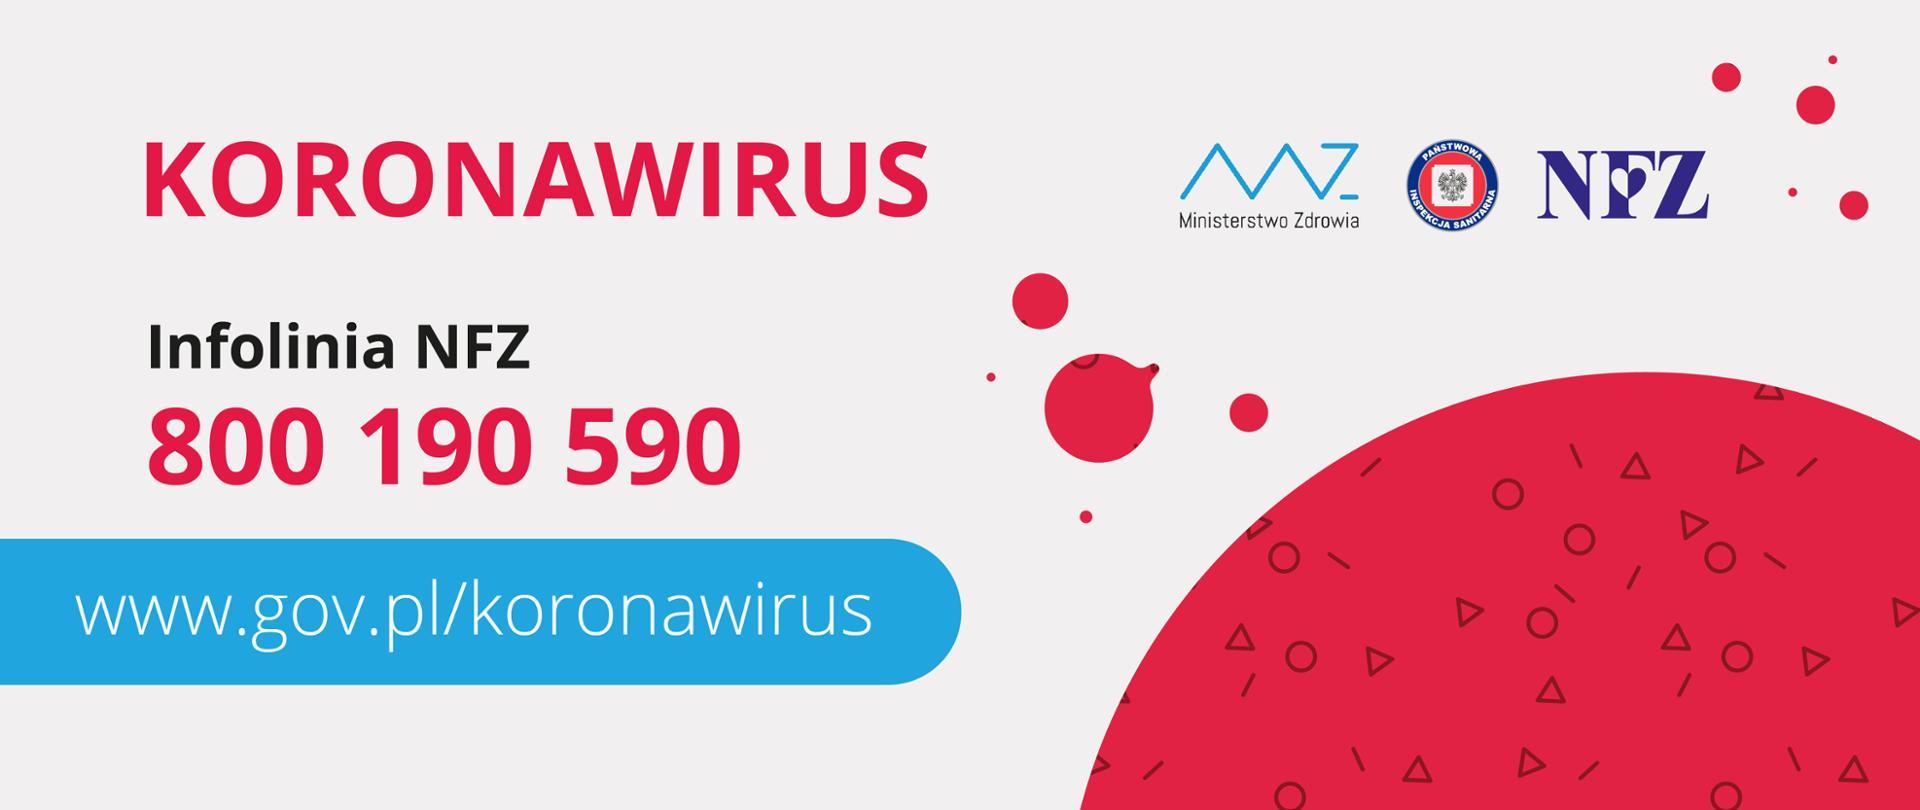 """Grafika z hasłem """"koronawirus"""" oraz numerem infolinii NFZ: 800 190 590.Pod tekstem jest adres strony dotyczącej koronawirusa: www.gov.pl/koronawirus"""